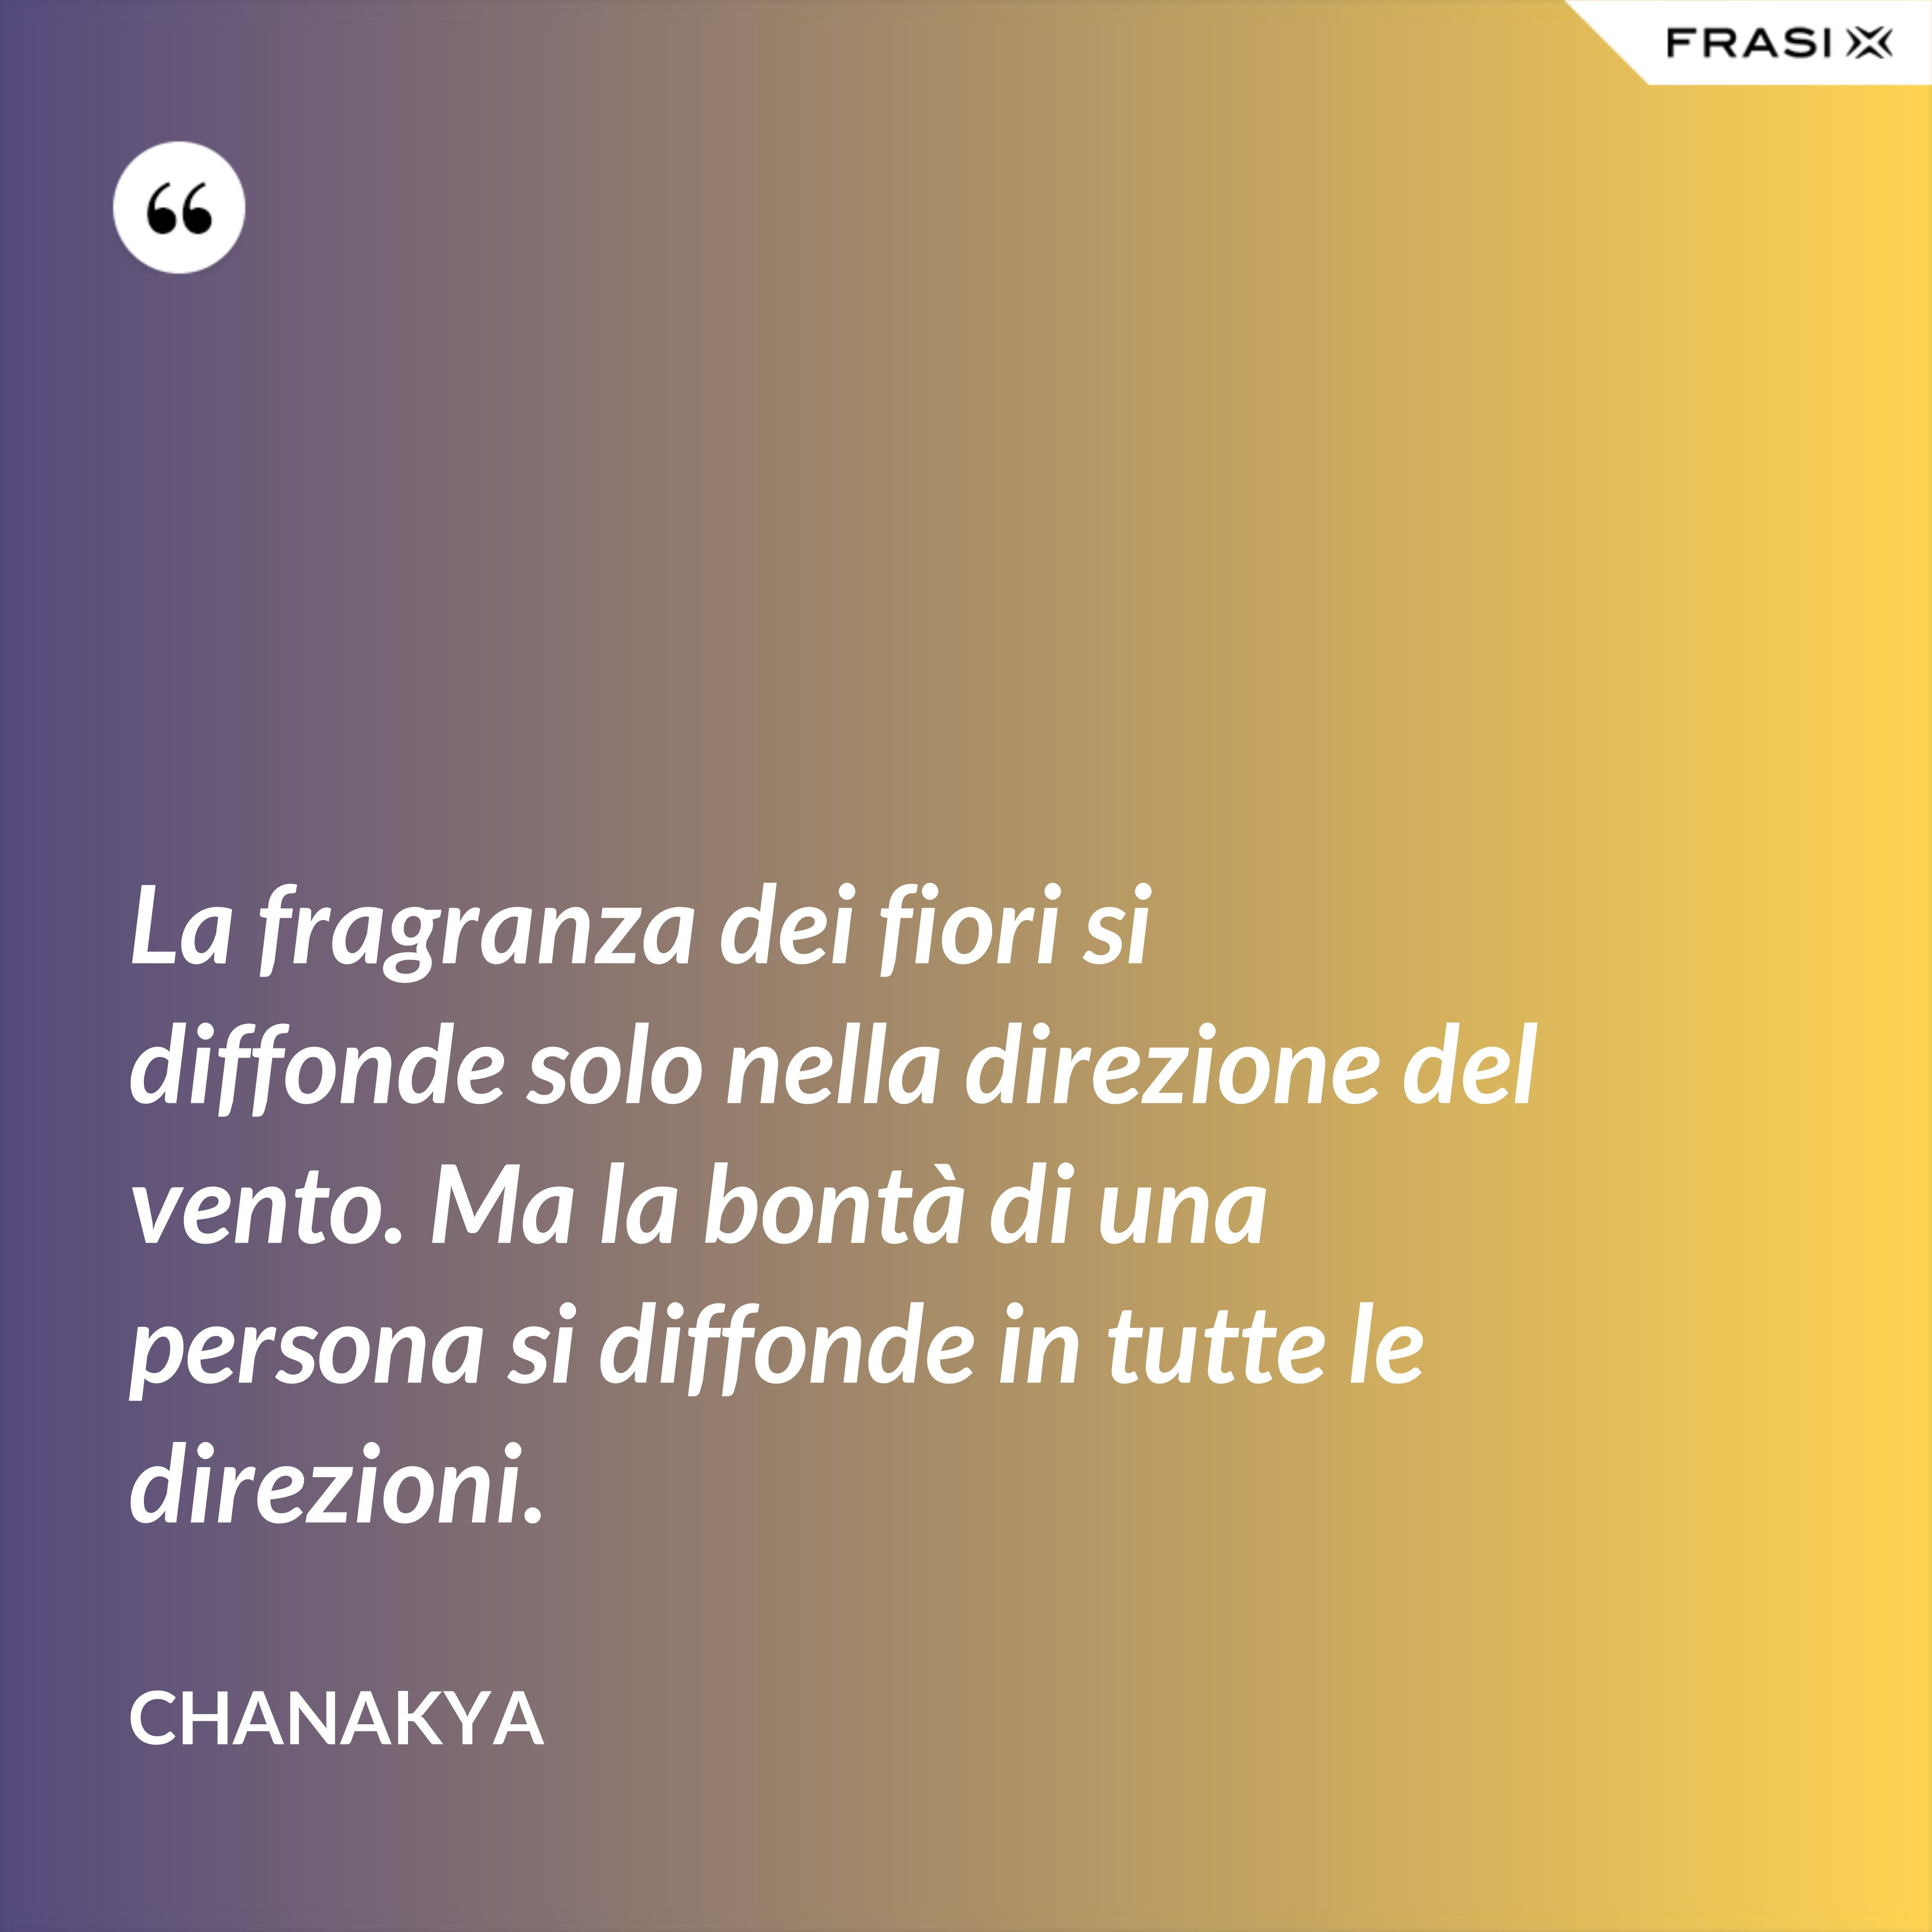 La fragranza dei fiori si diffonde solo nella direzione del vento. Ma la bontà di una persona si diffonde in tutte le direzioni. - Chanakya